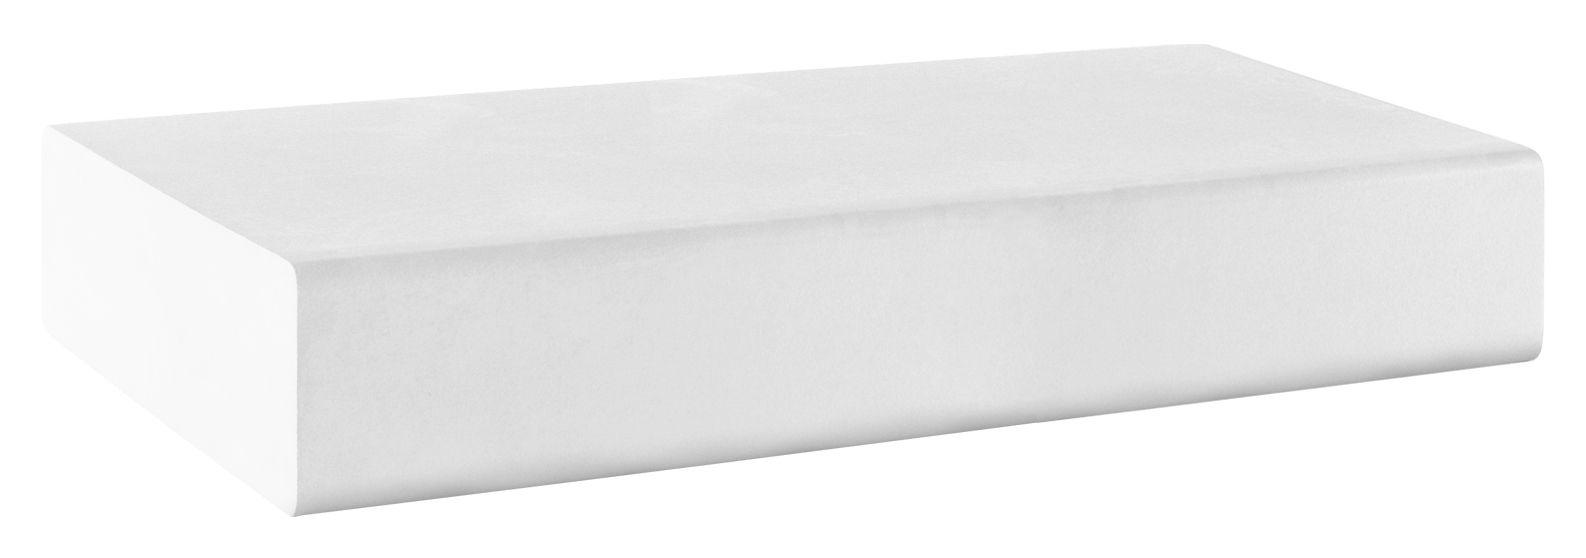 Mobilier - Mobilier Ados - Pouf Matrass Mat 150 - Quinze & Milan - Blanc - Mousse de polyuréthane